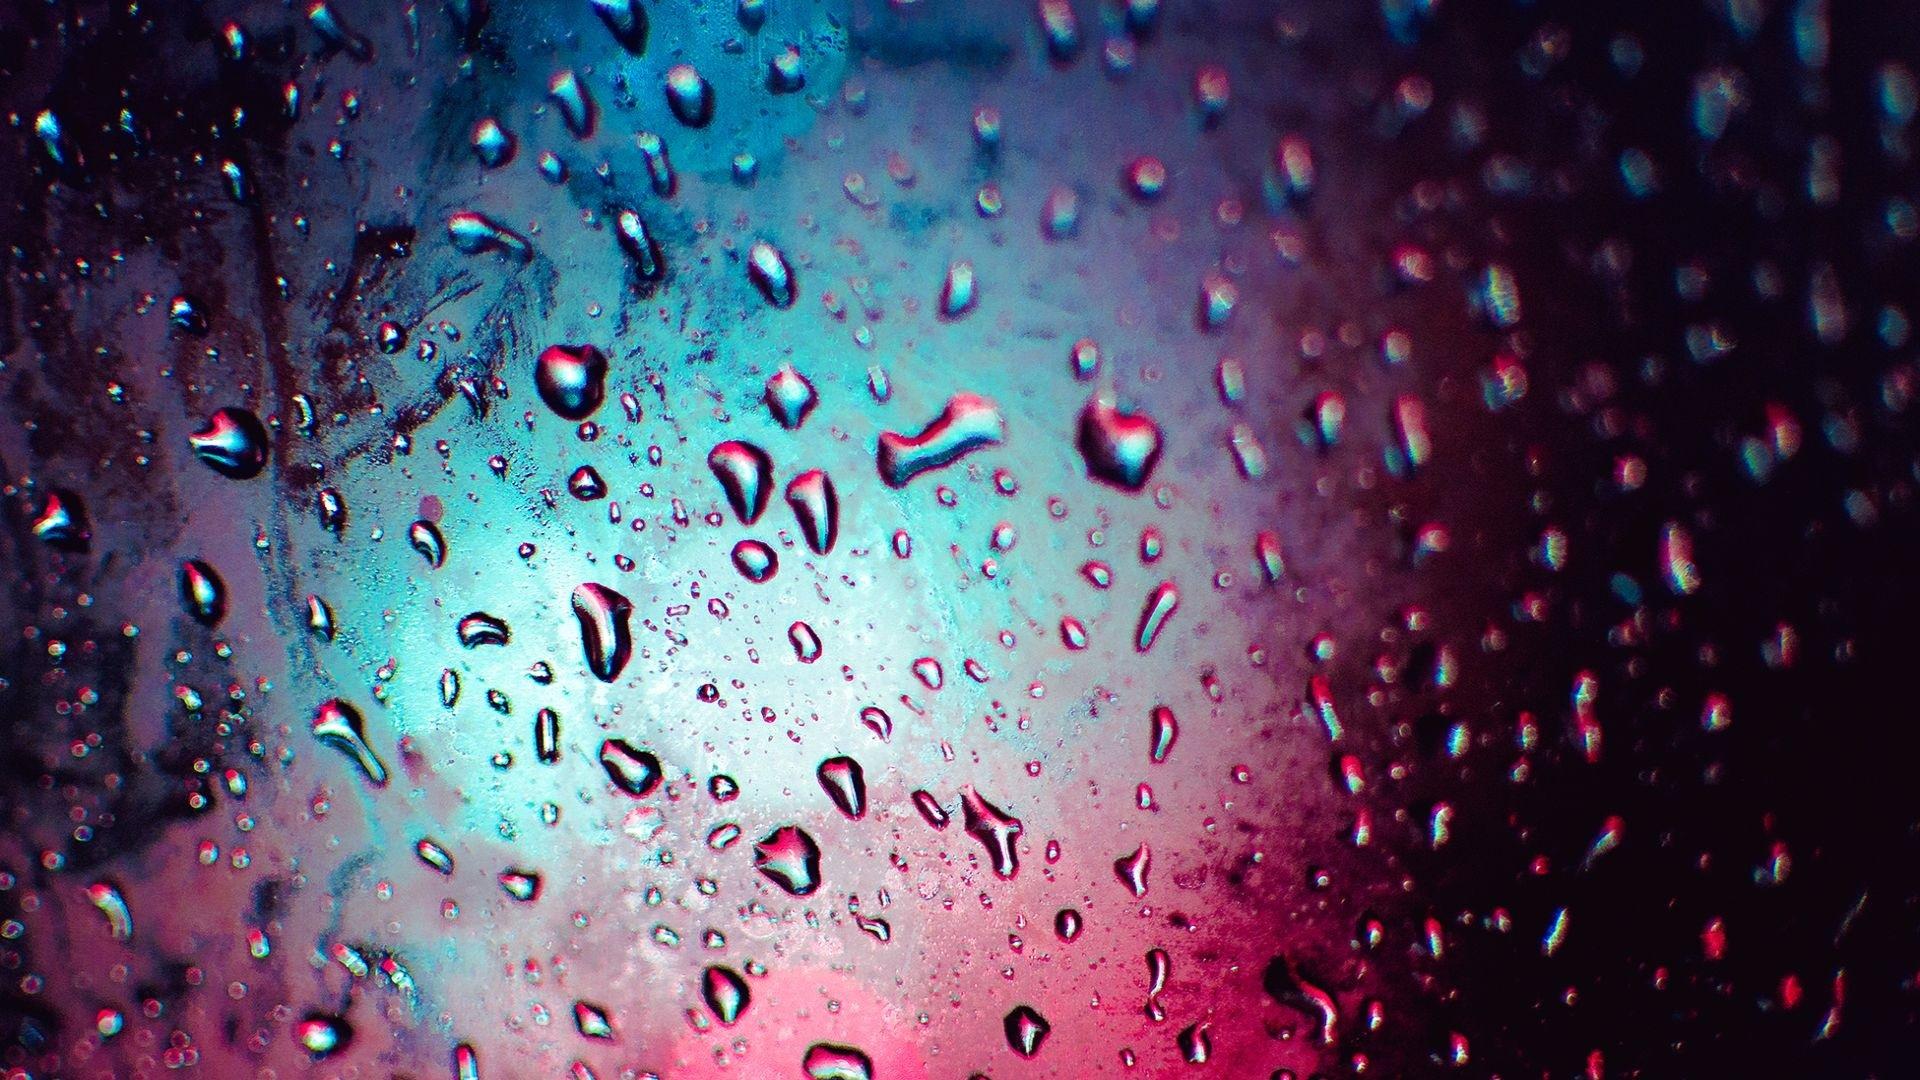 текстуры стекло вода капли онлайн